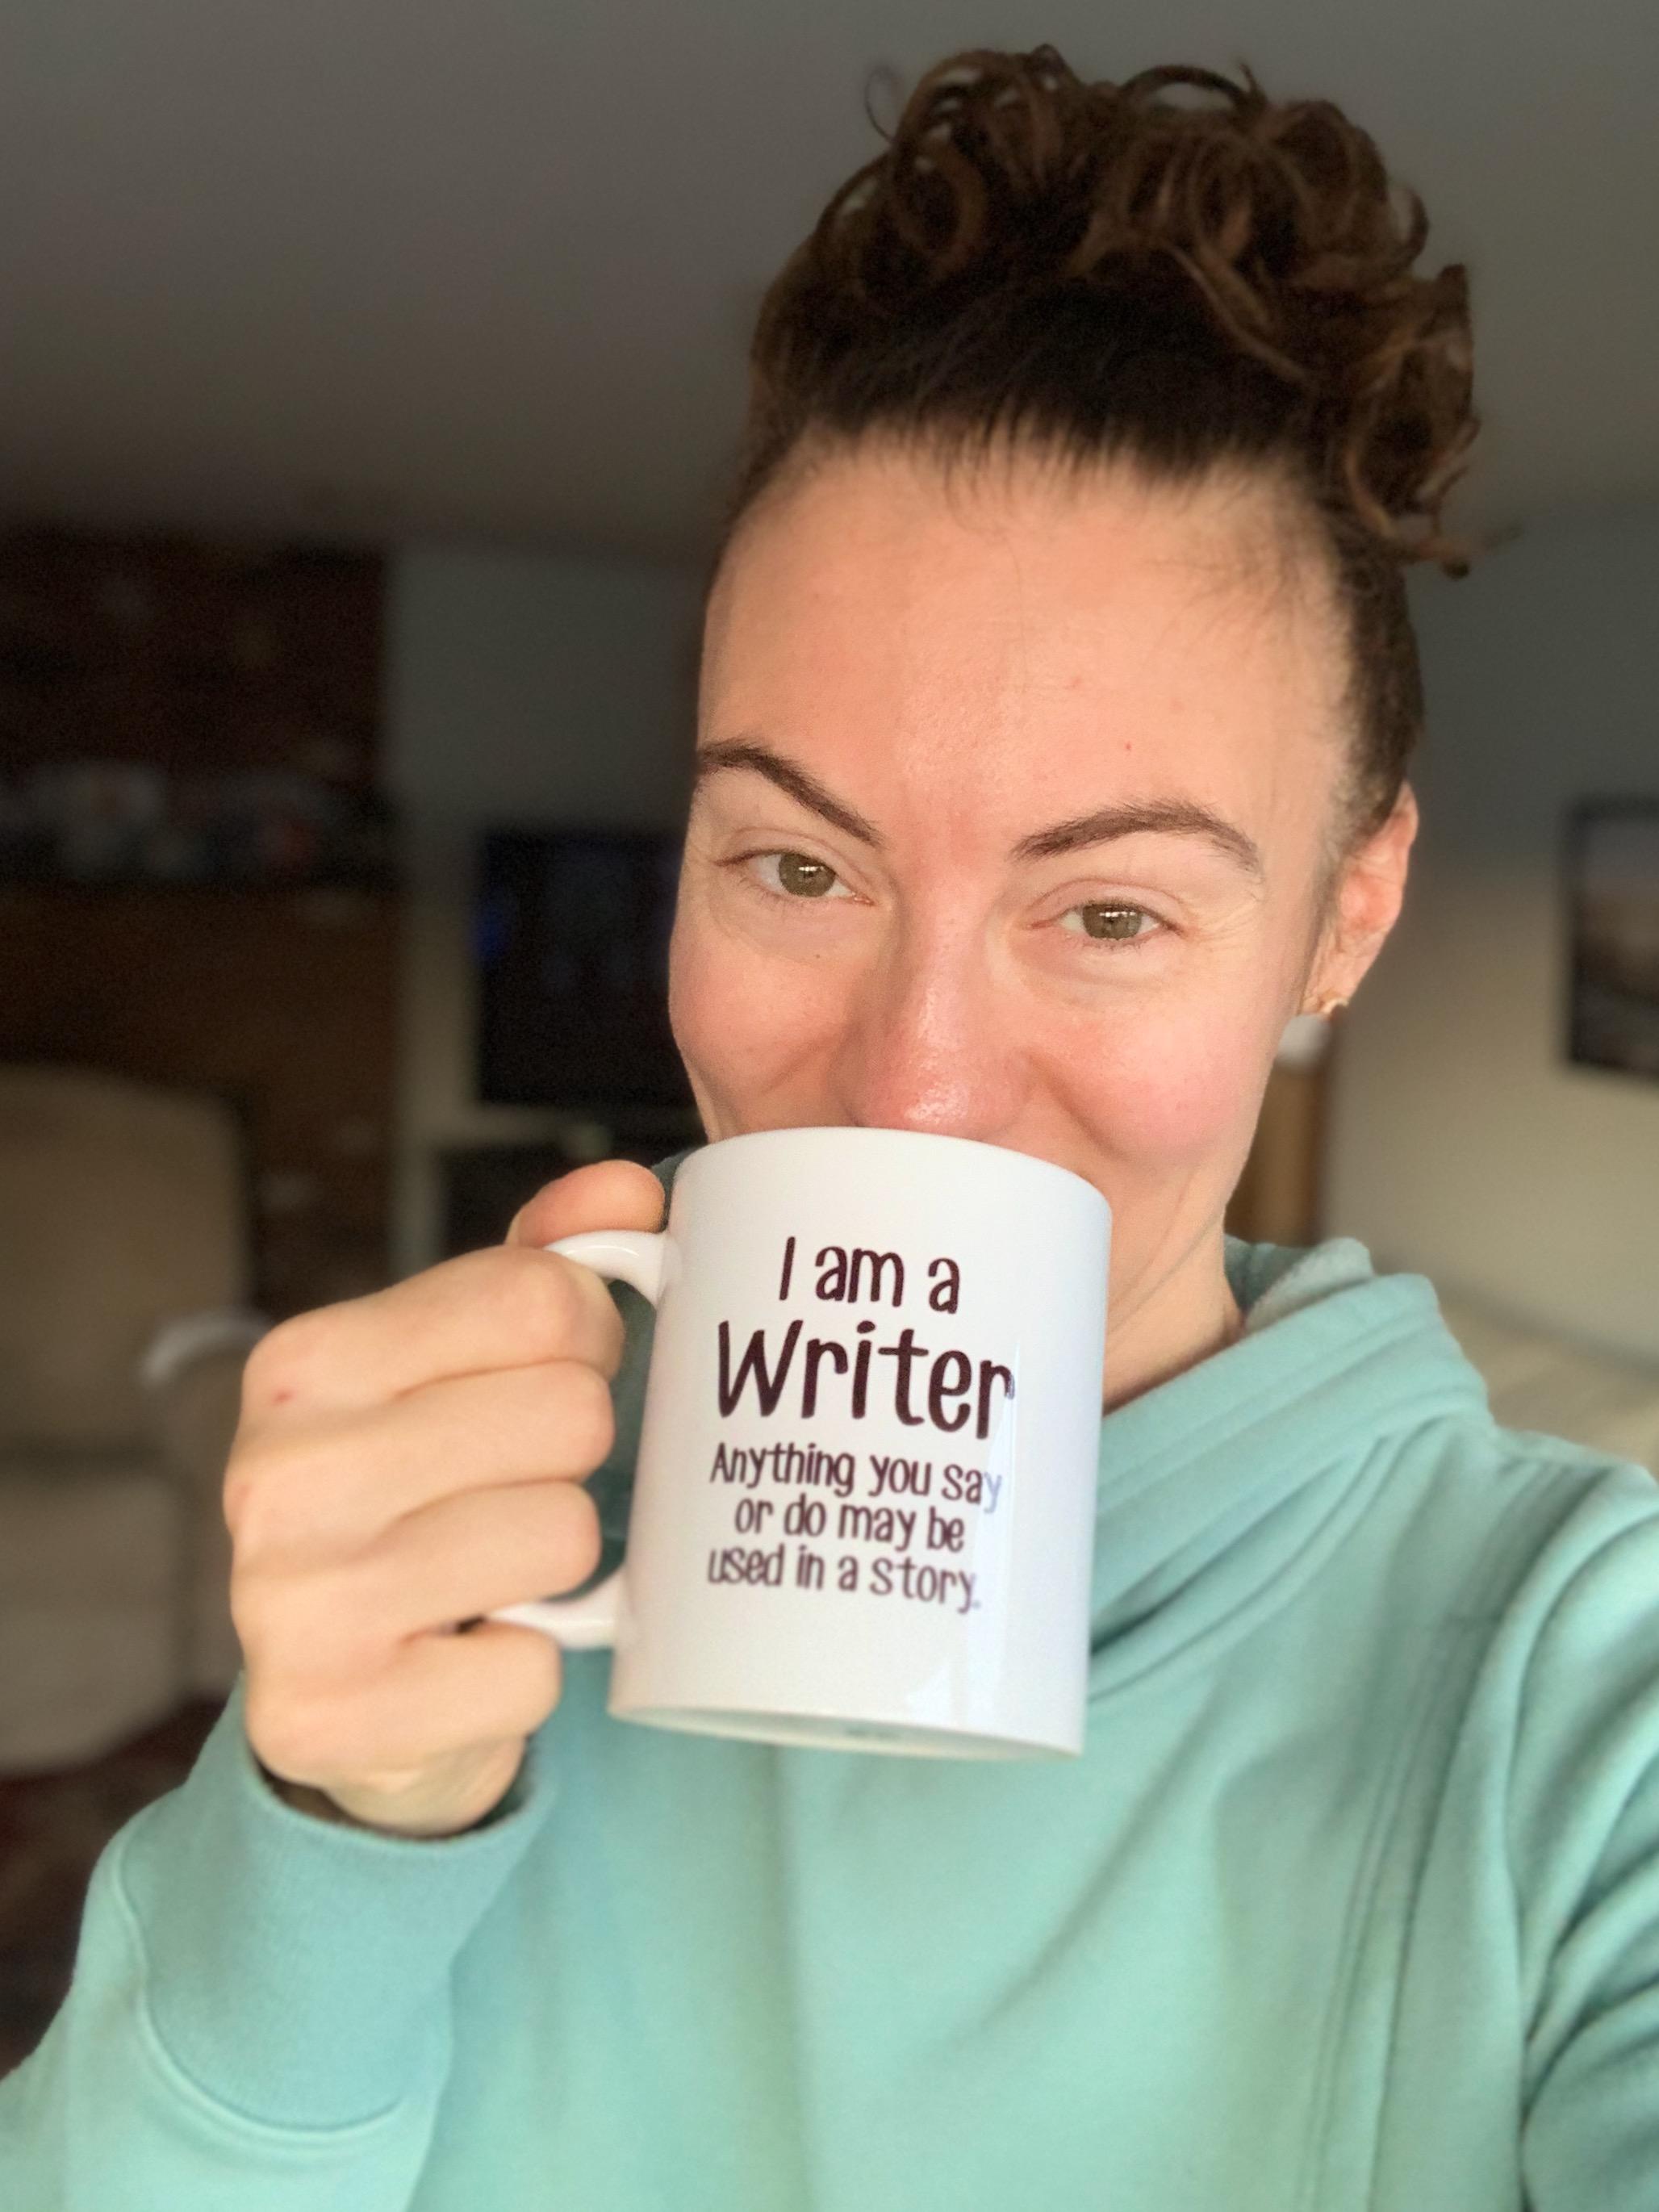 I am a writer mug